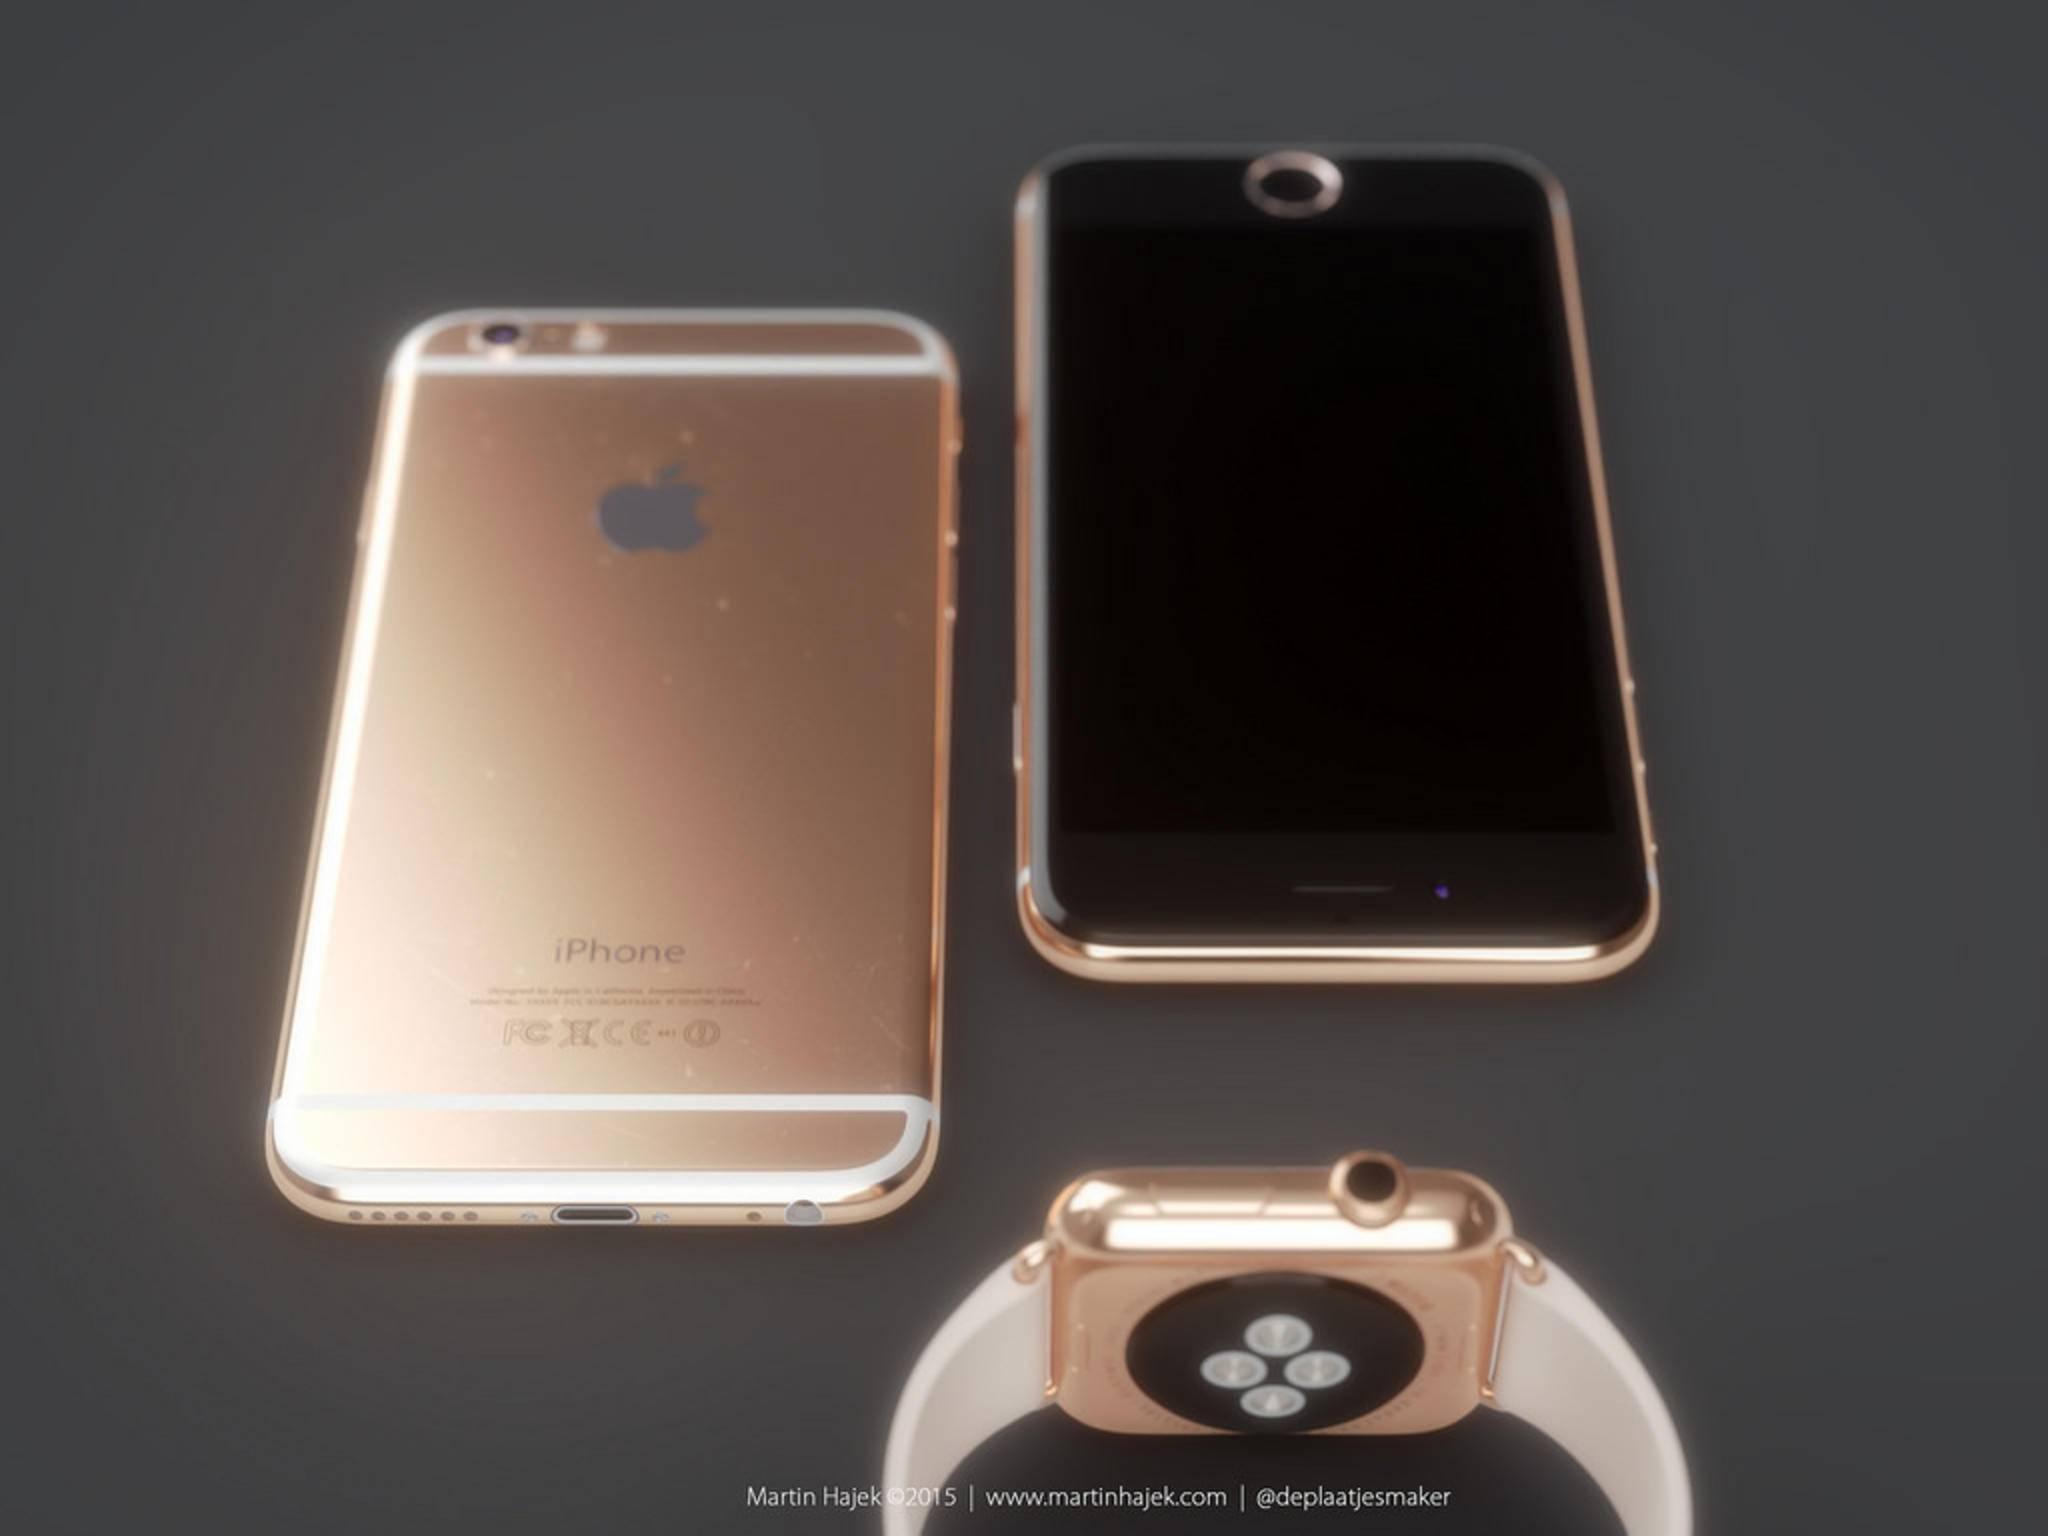 Das nächste iPhone könnte auch in Roségold erscheinen.